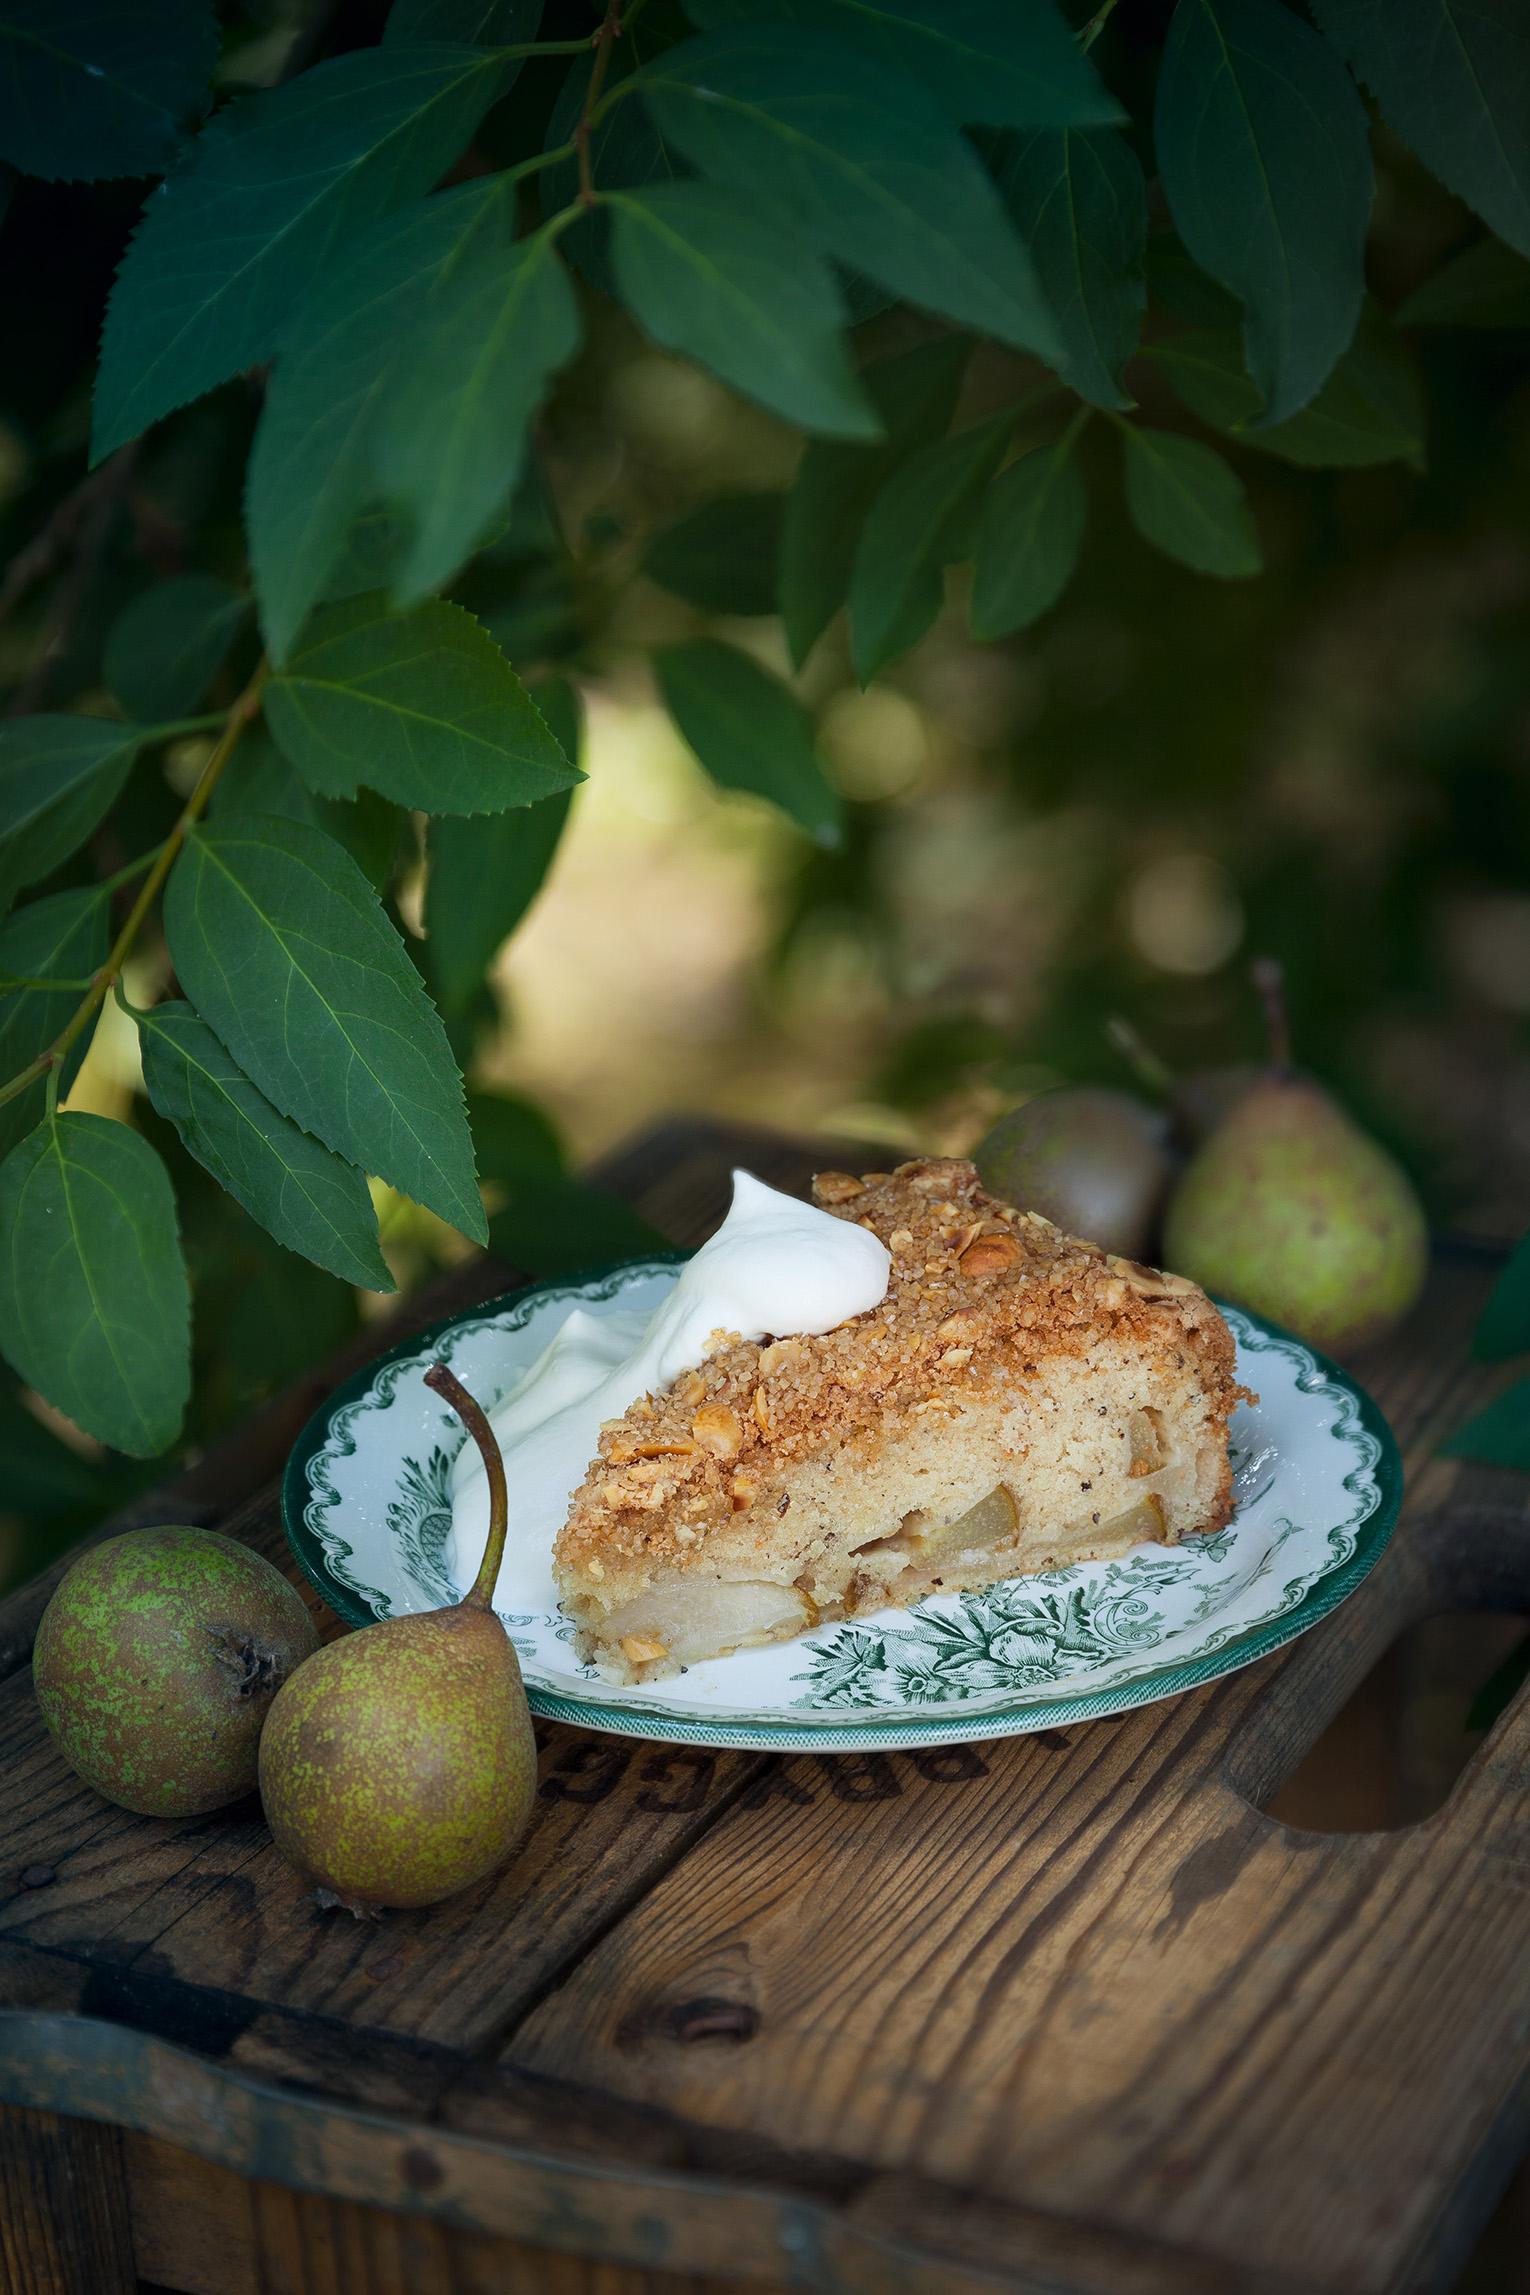 päronkaka med kardemumma